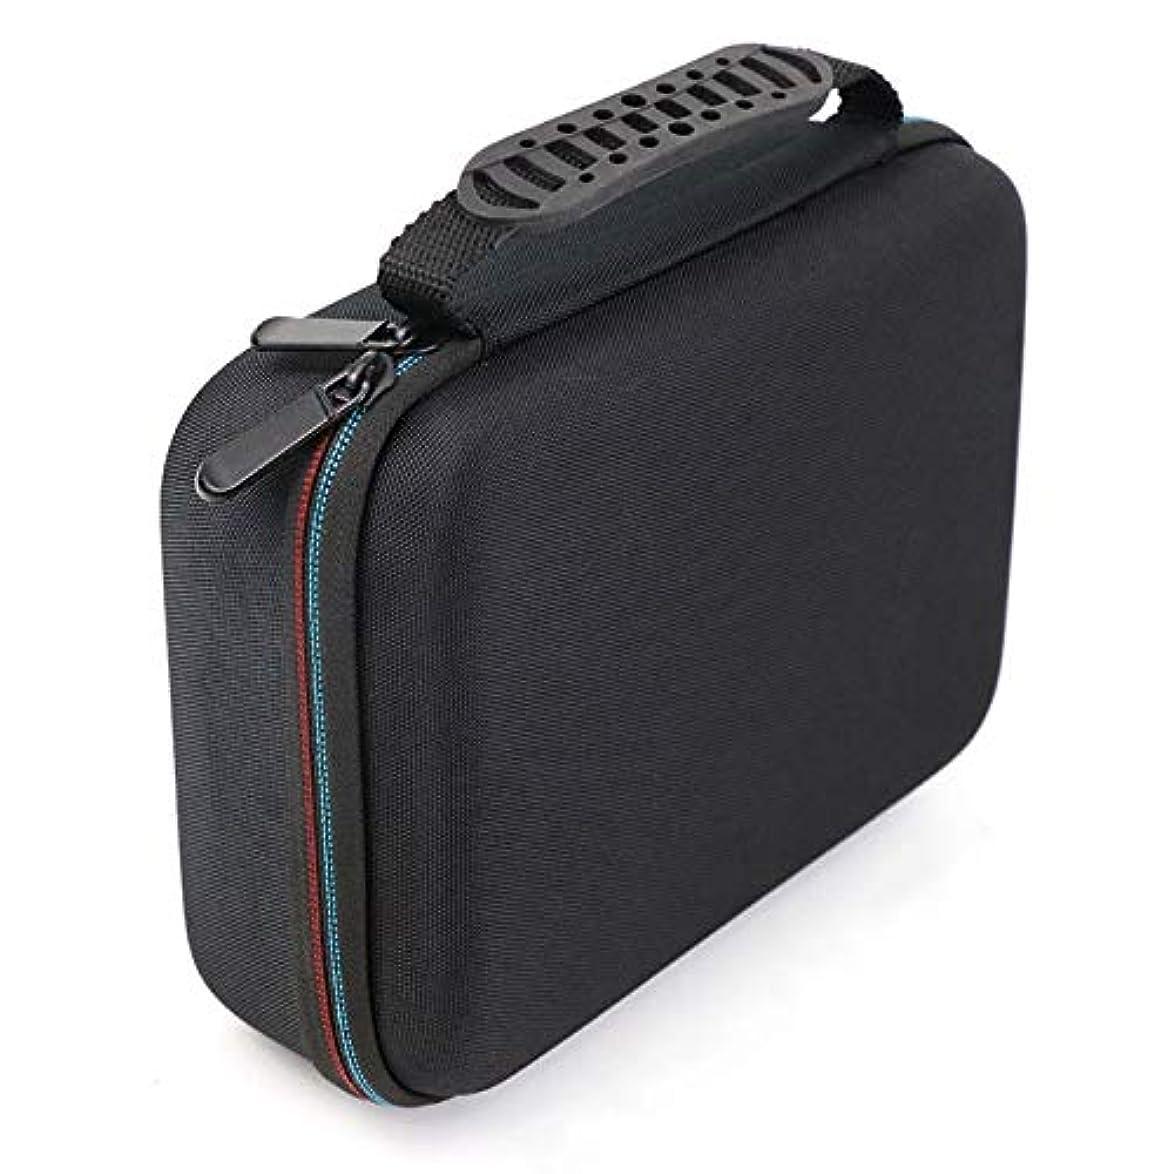 寛大な肖像画昇るCUHAWUDBA バリカンの収納ケース、携帯用ケース、耐衝撃バッグ、シェーバーのキット、Evaハードケース、収納バッグ、 Mgk3020/3060/3080用